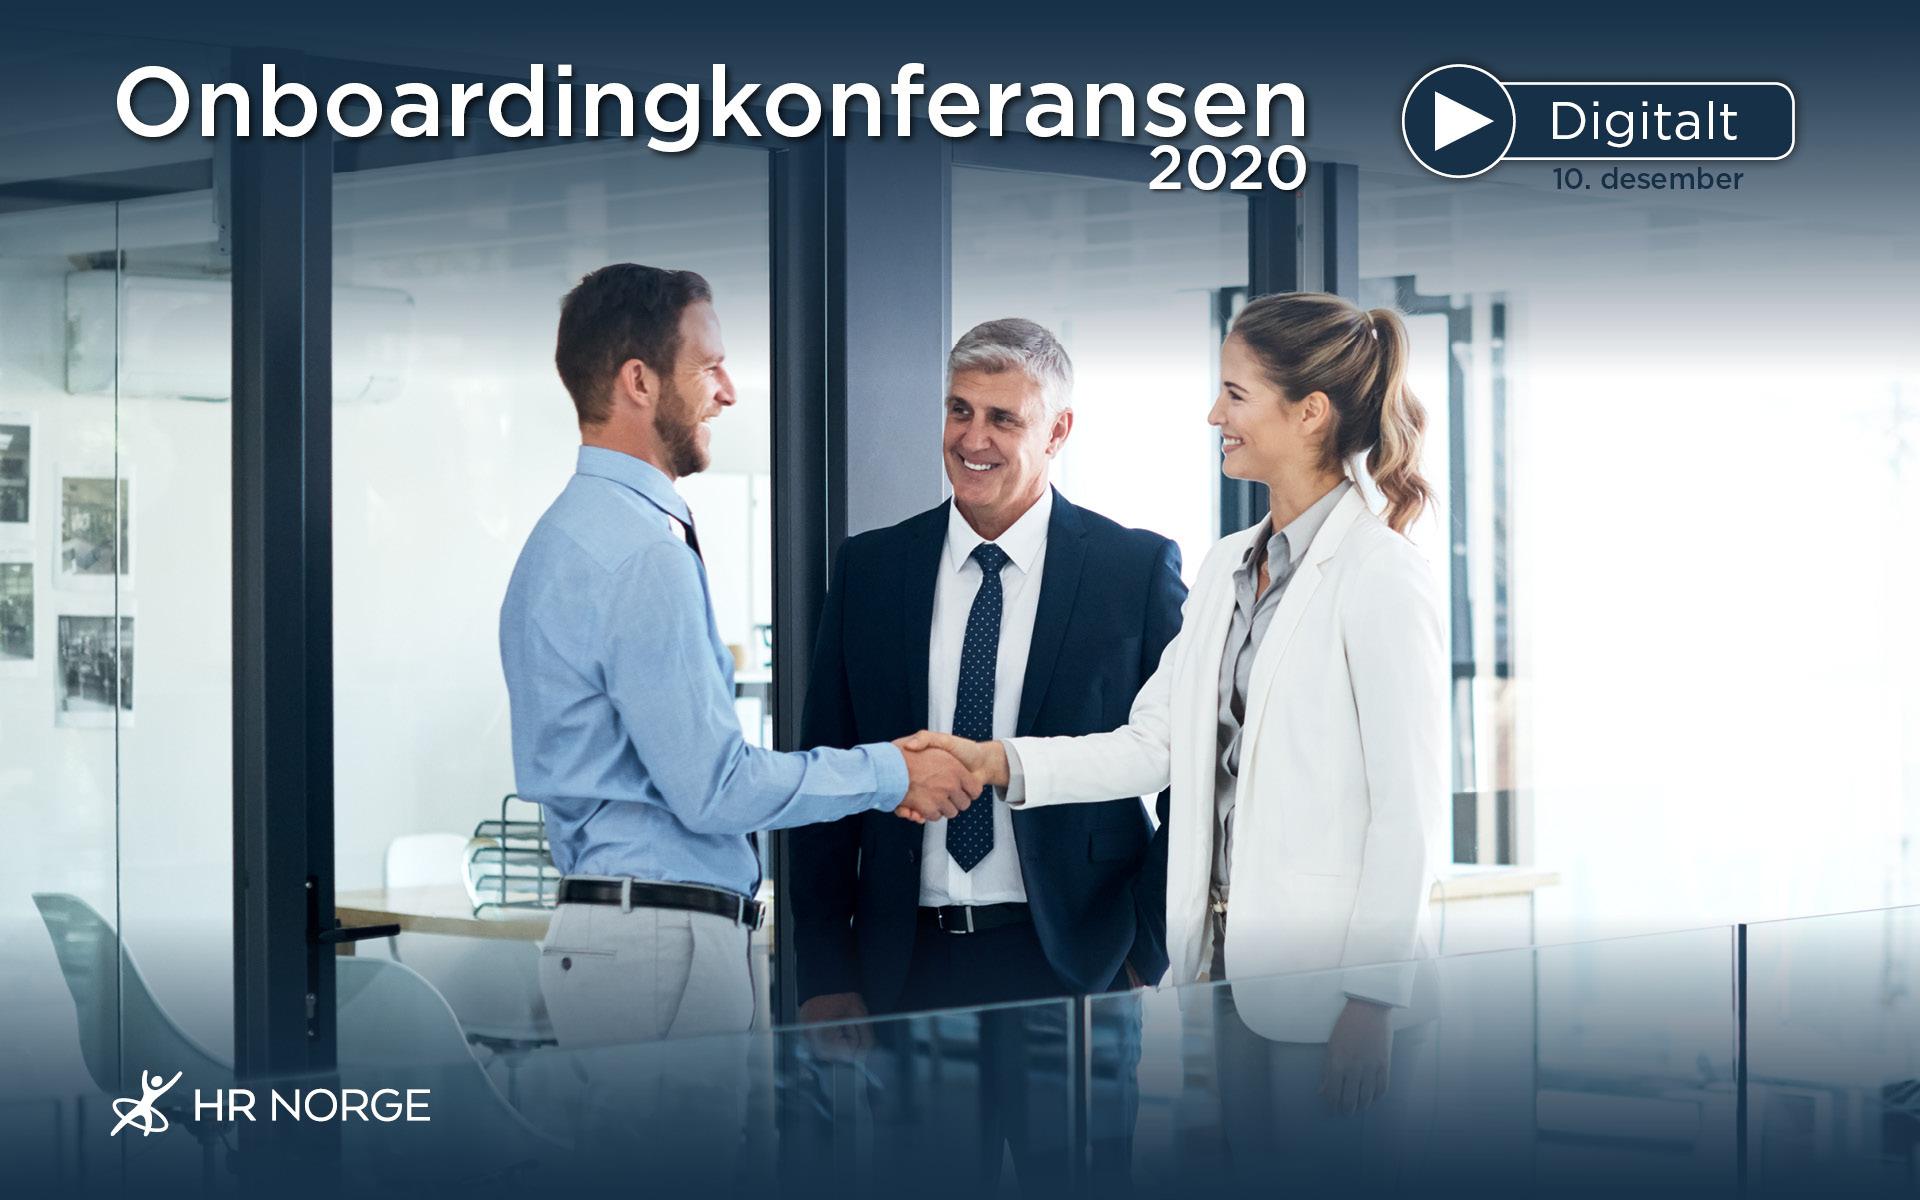 Forside program Onboardingkonferansen 2020